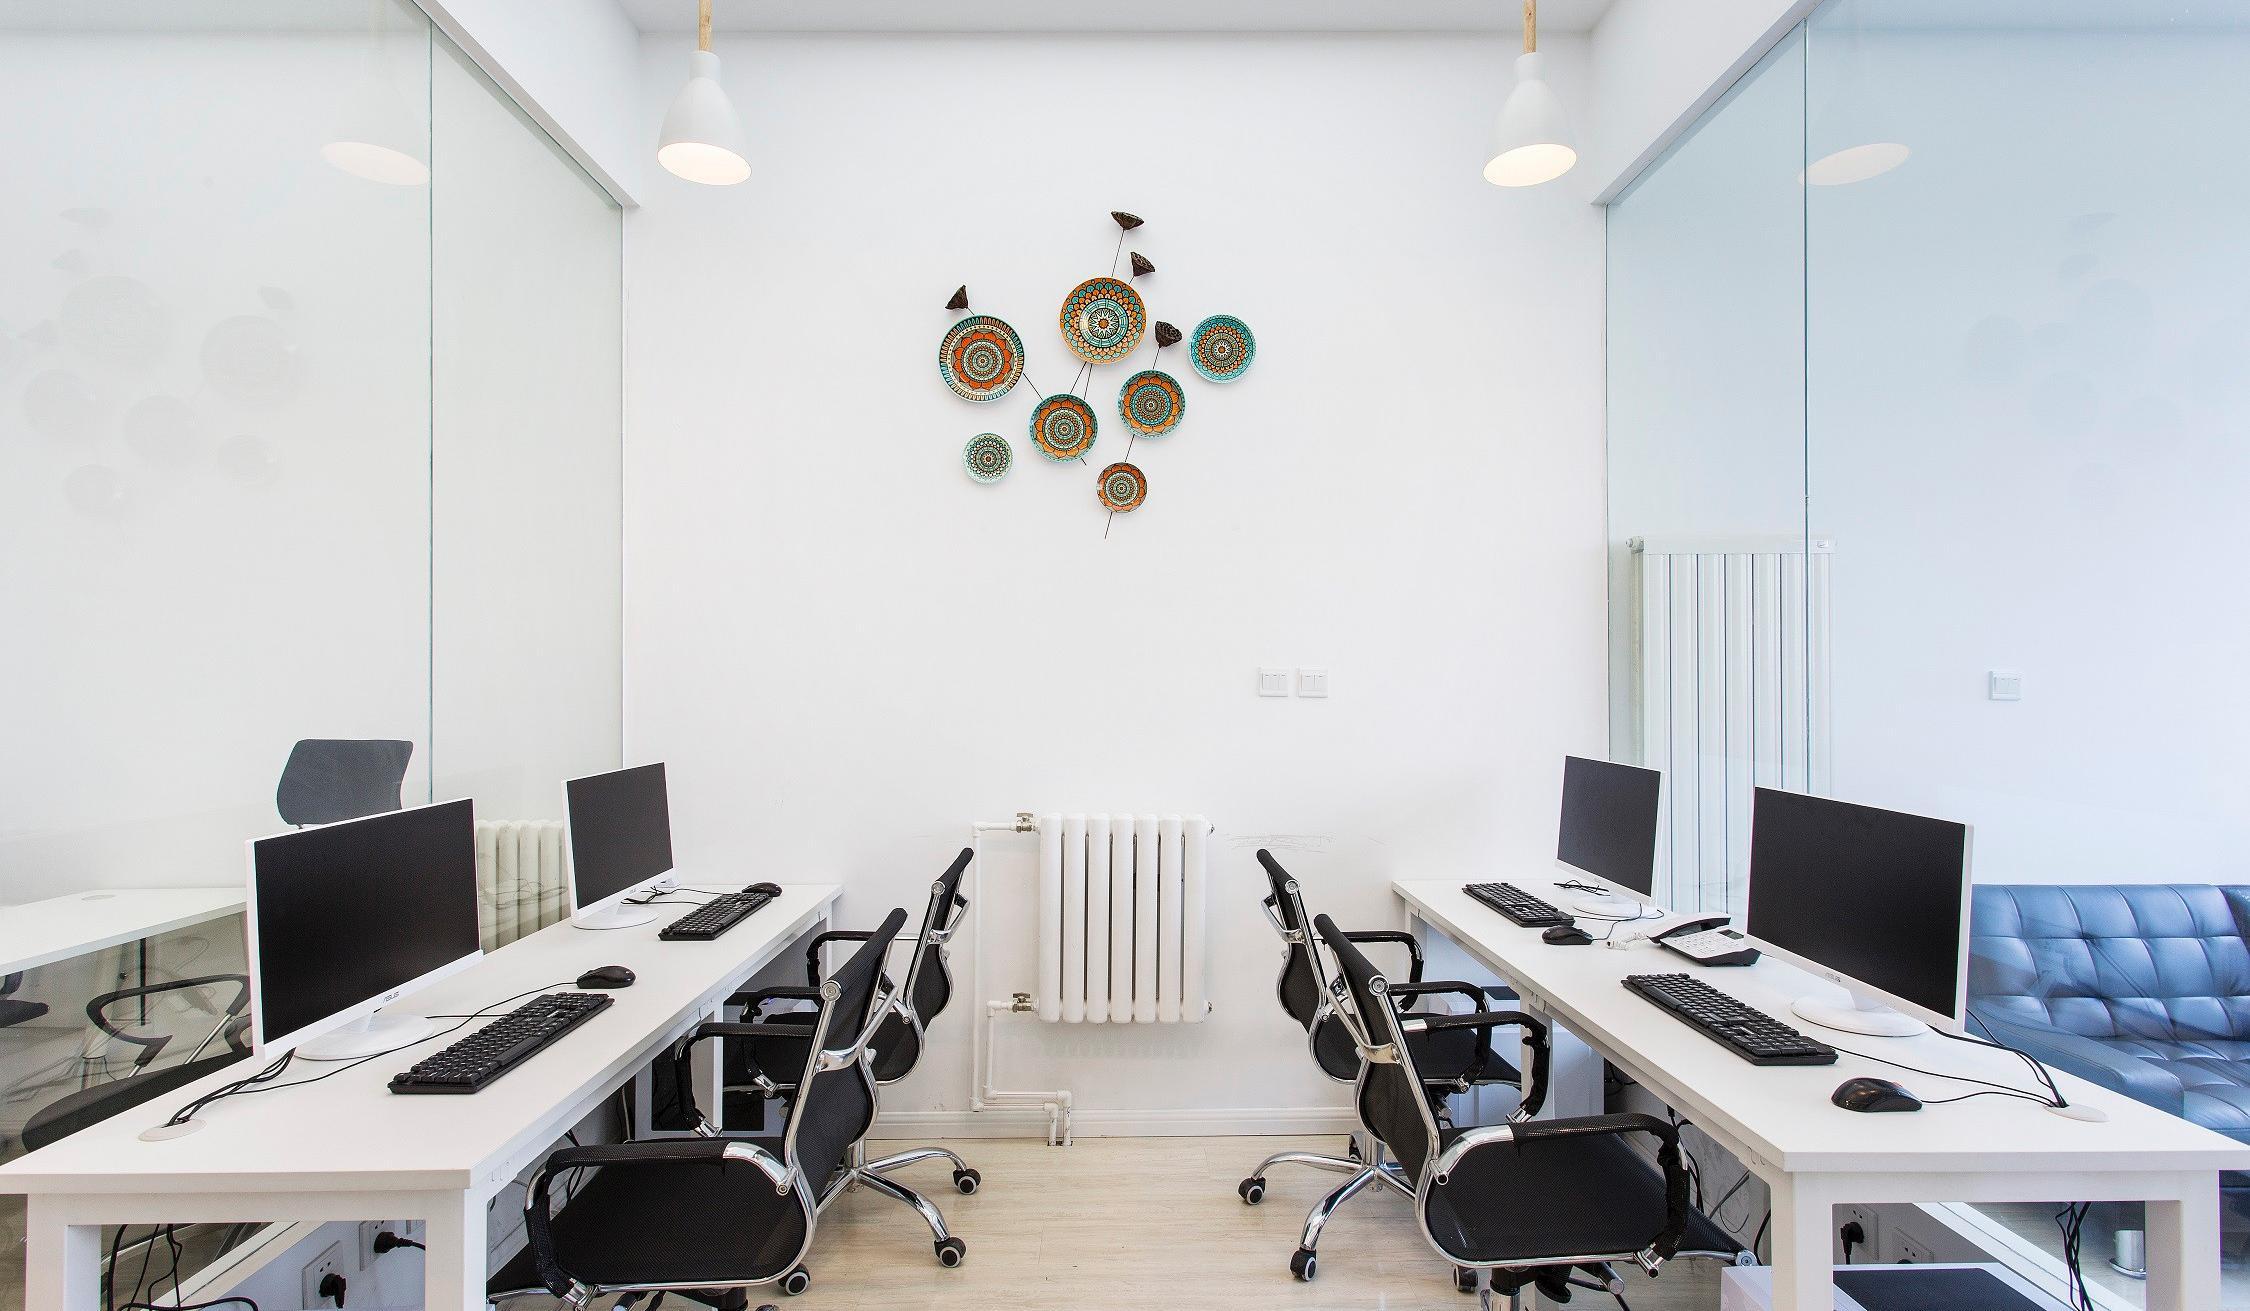 0 创业者写字间装修设计图 办公室loft风格140平米以上装修20万以上